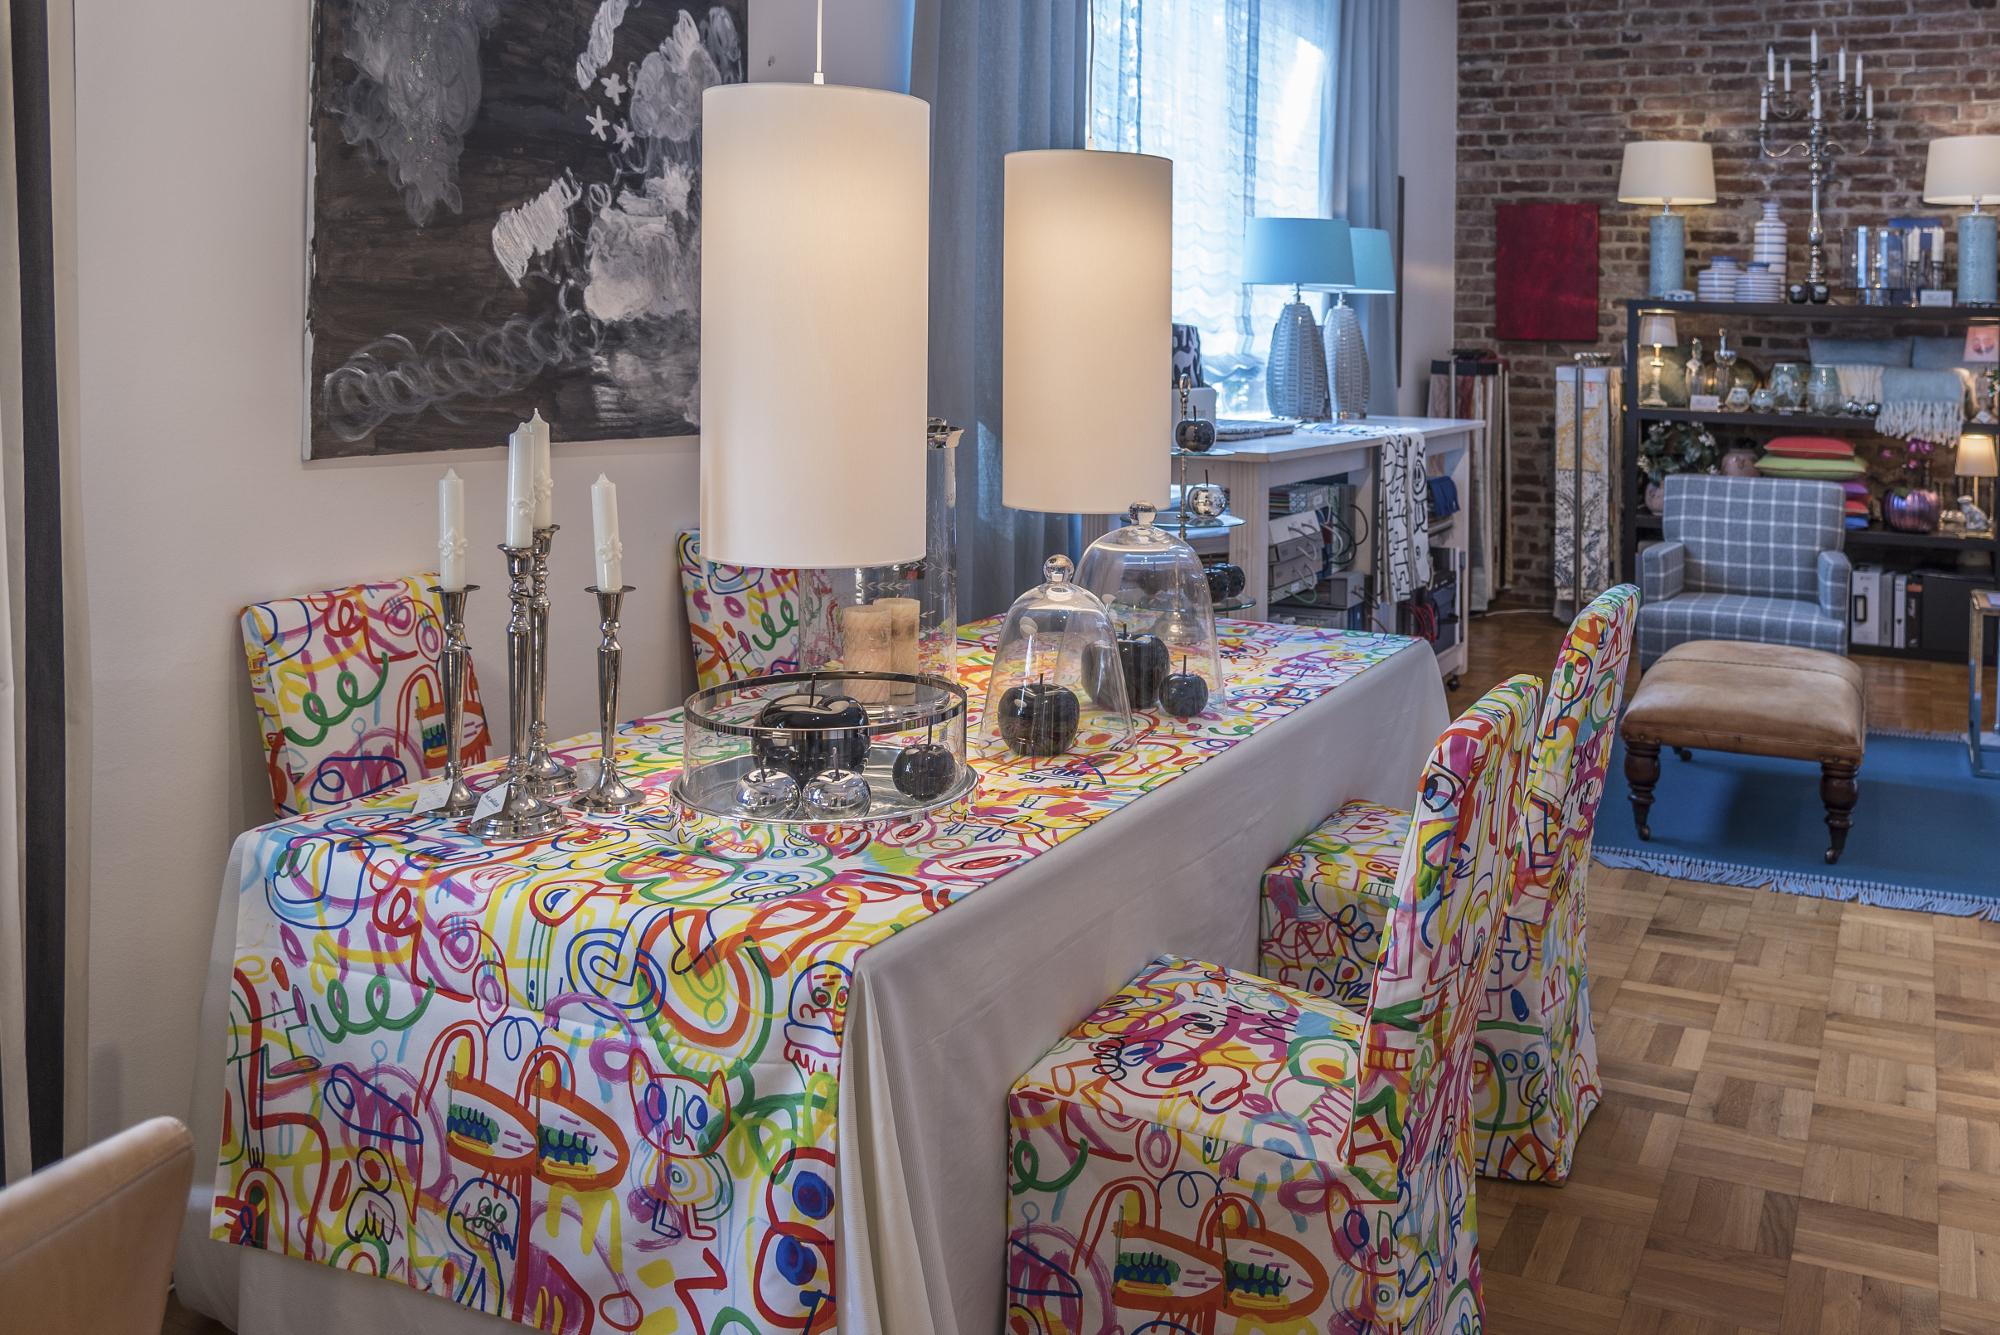 Brit philipp wohnkultur in willich ffnungszeiten for Innendekorateur firmen